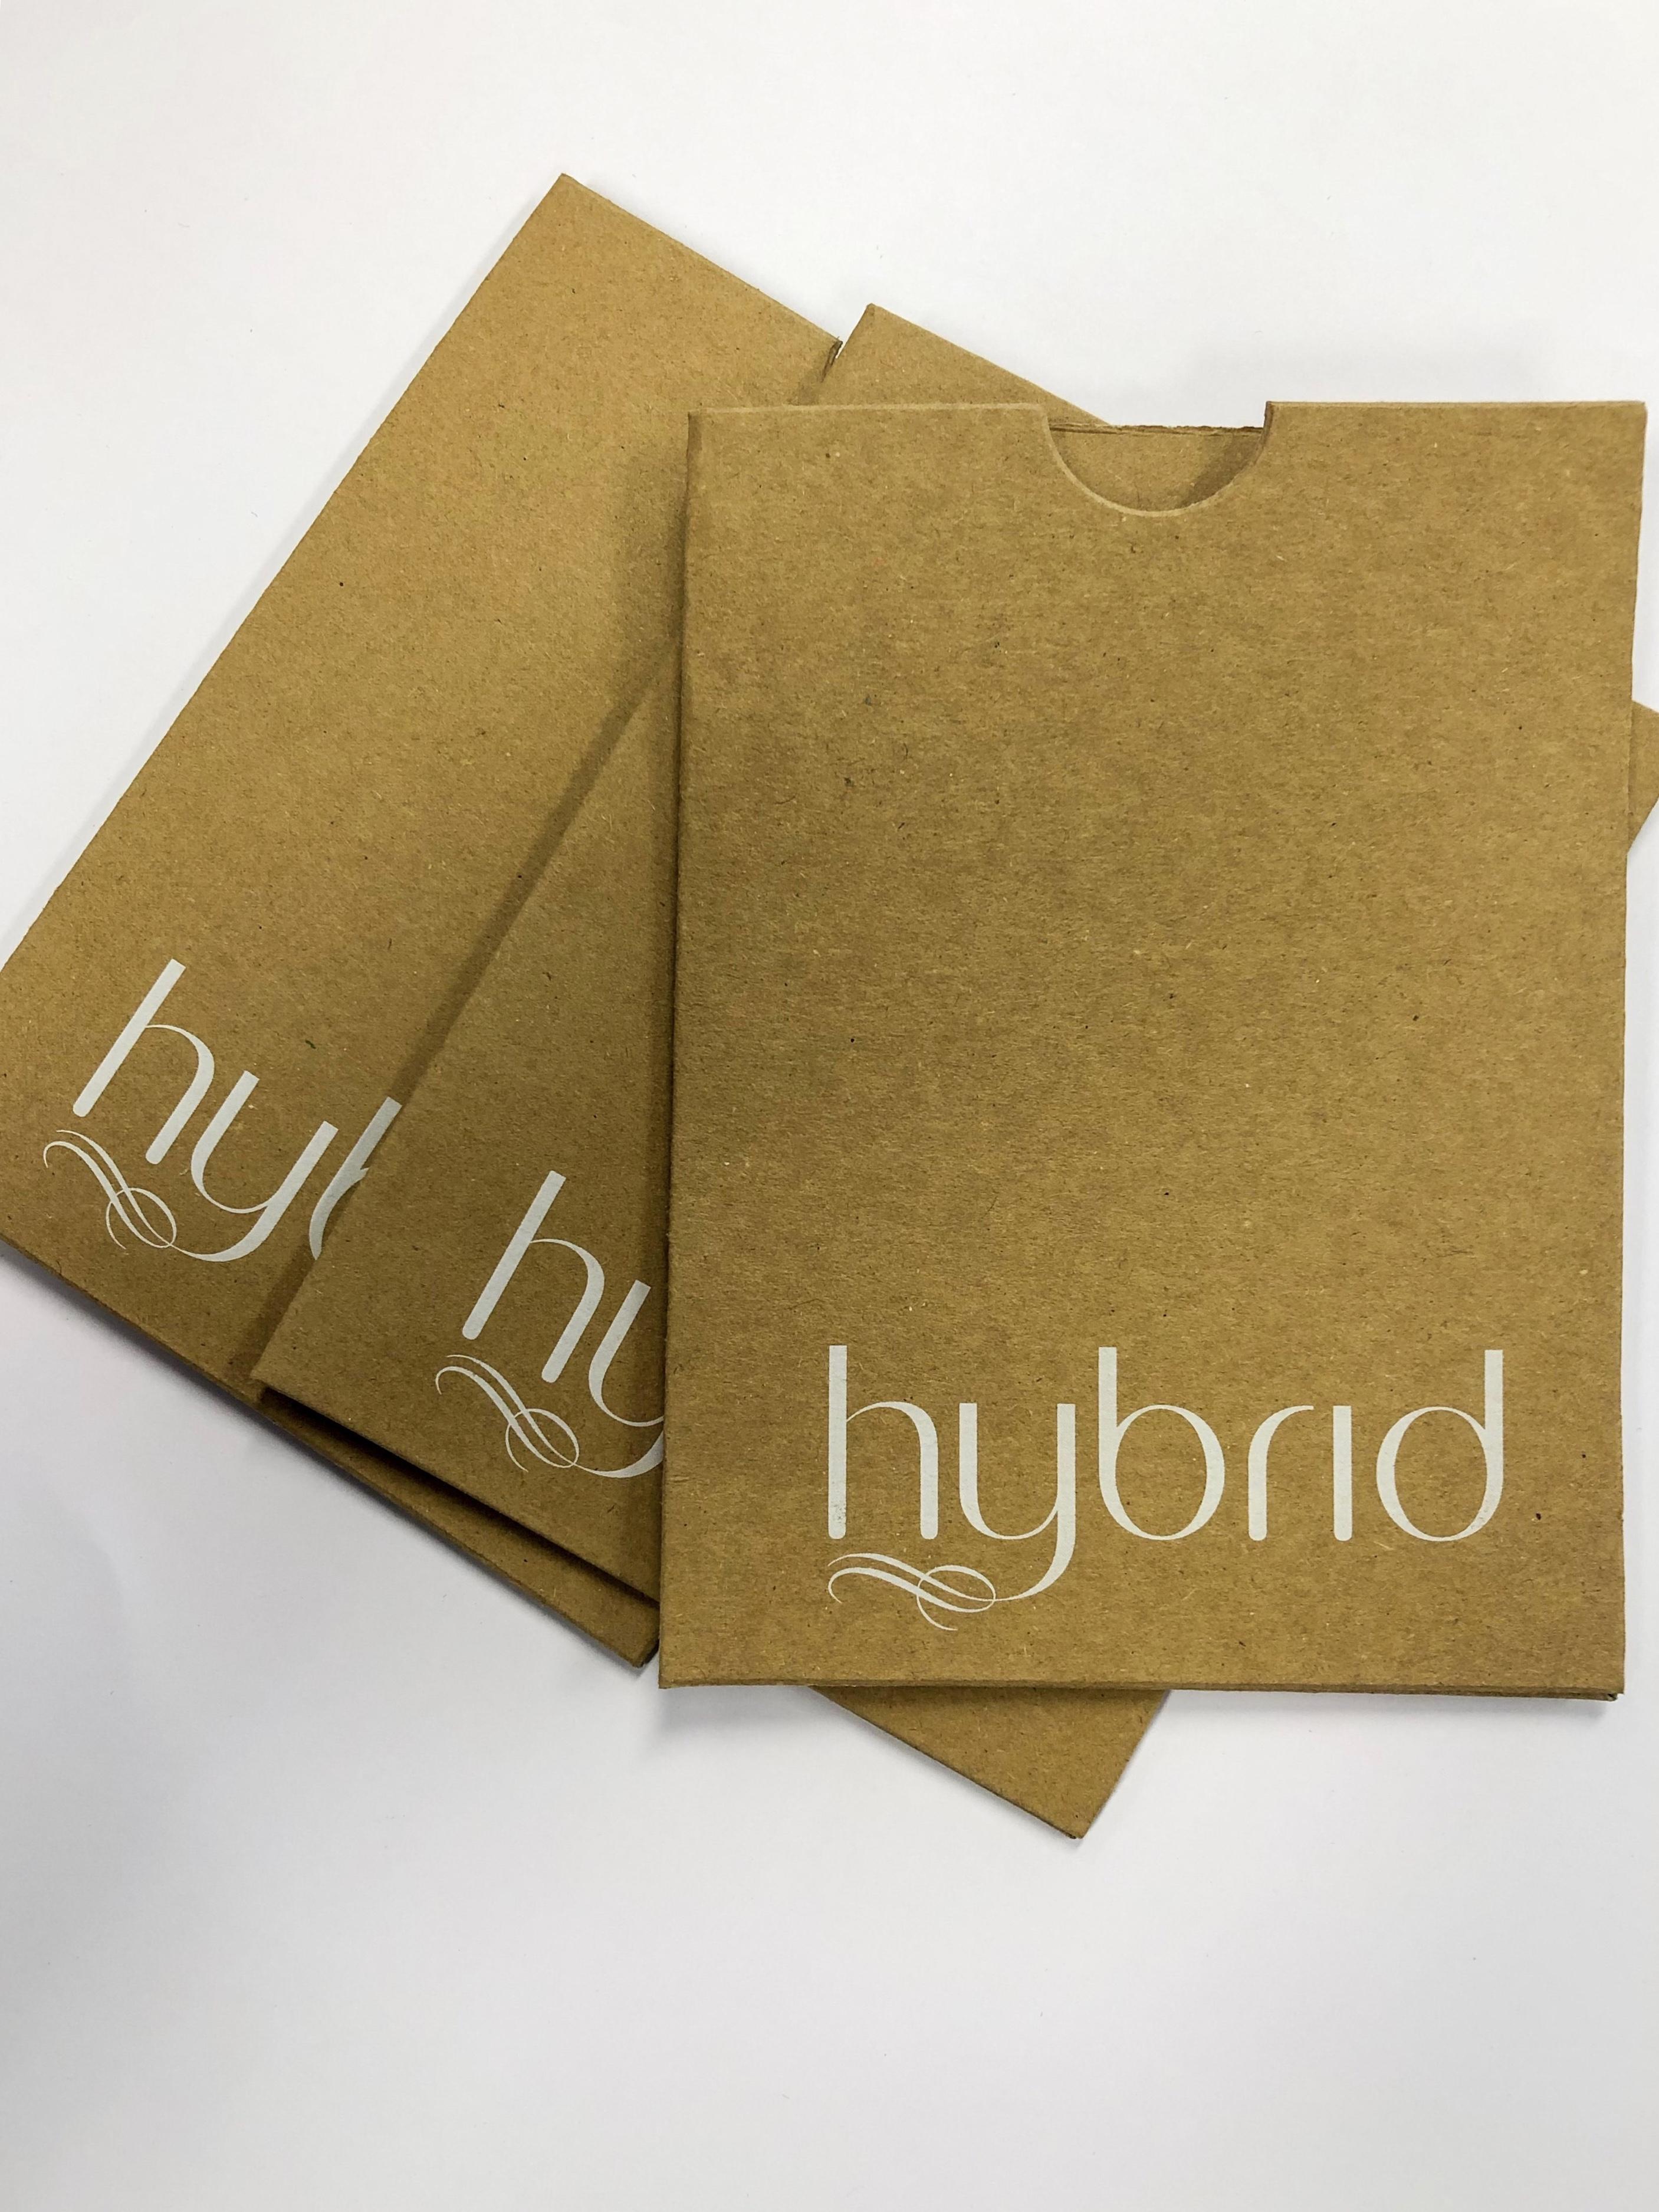 white ink printing on die cut envelope